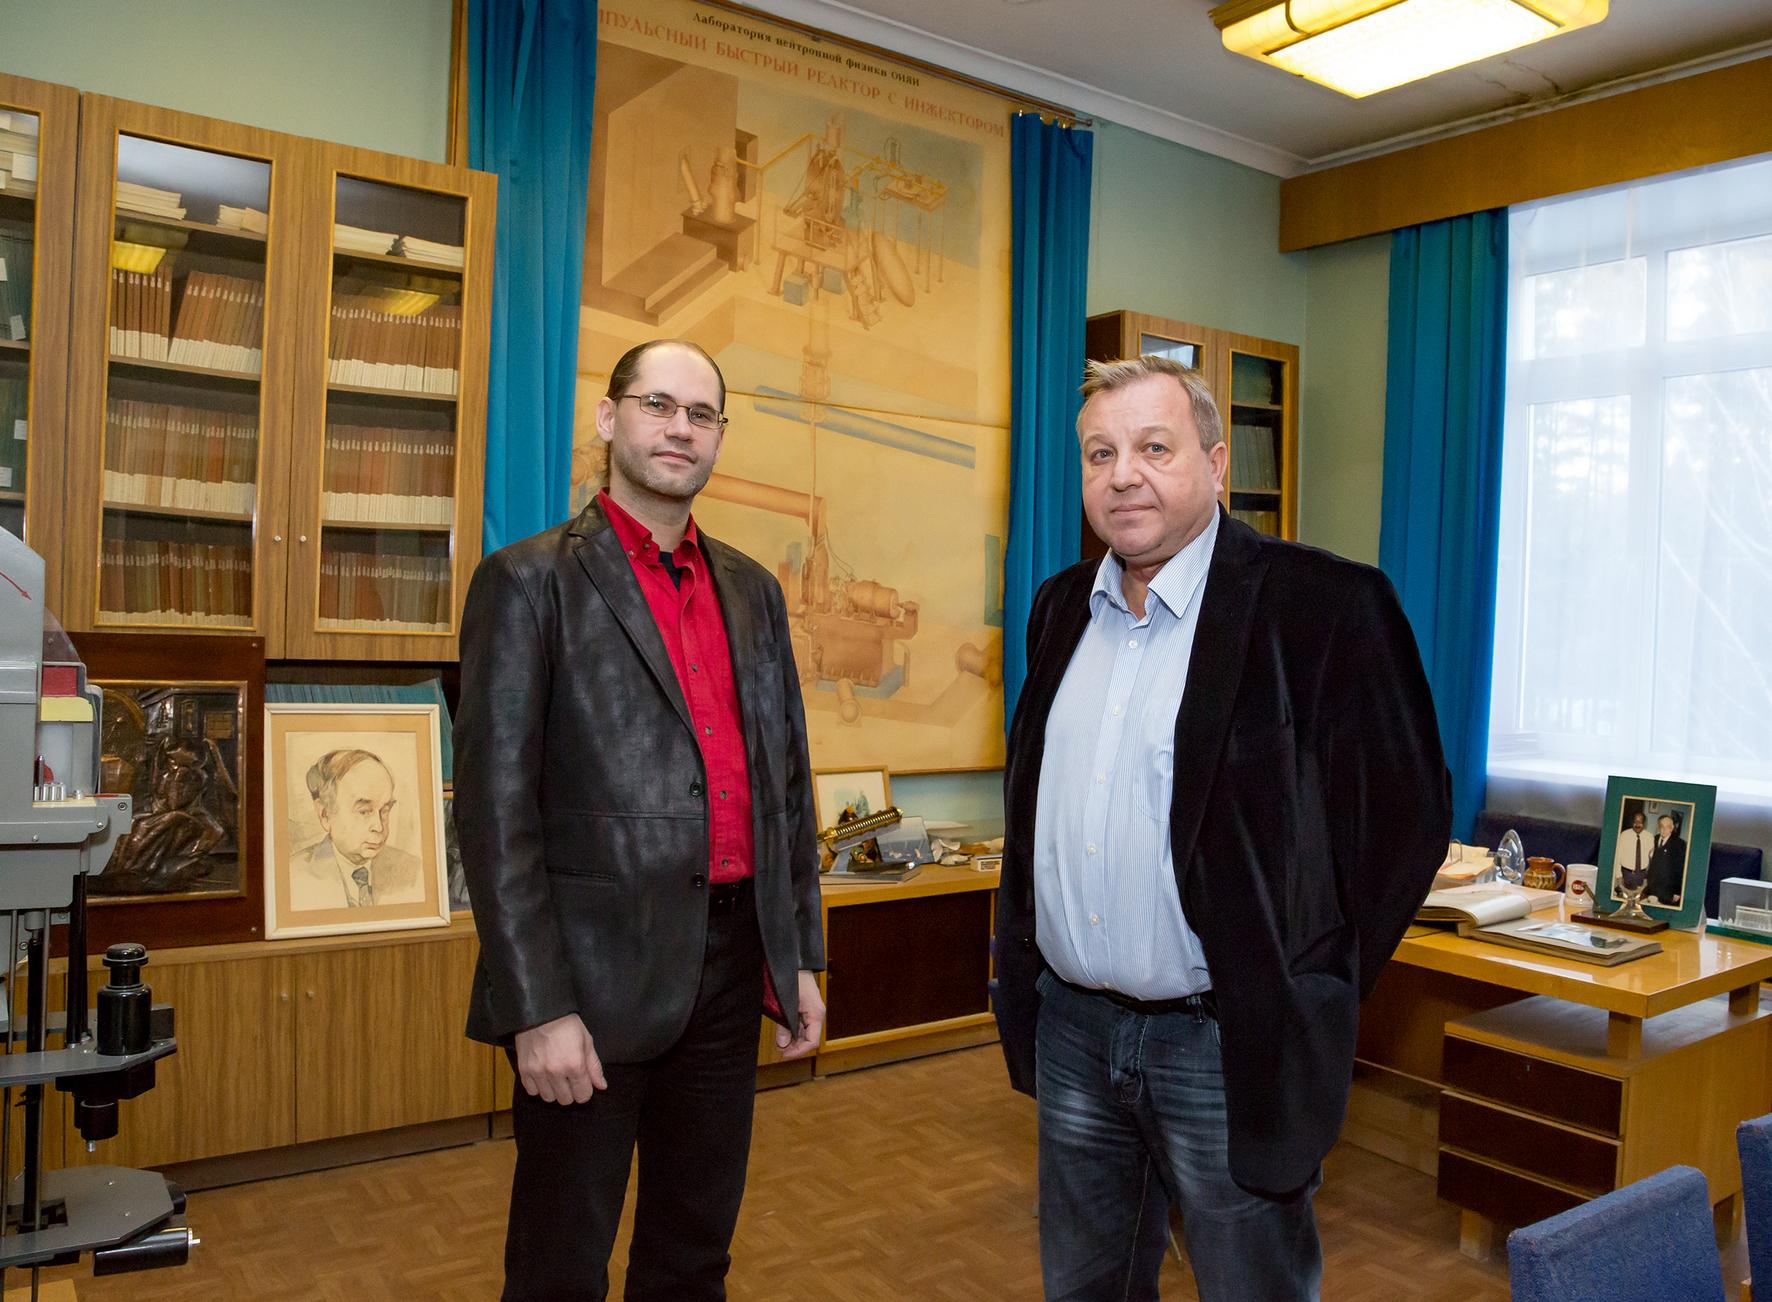 С директором Лаборатории нейтронной физики В. Н. Швецовым в кабинете И. М. Франка, 2015 год